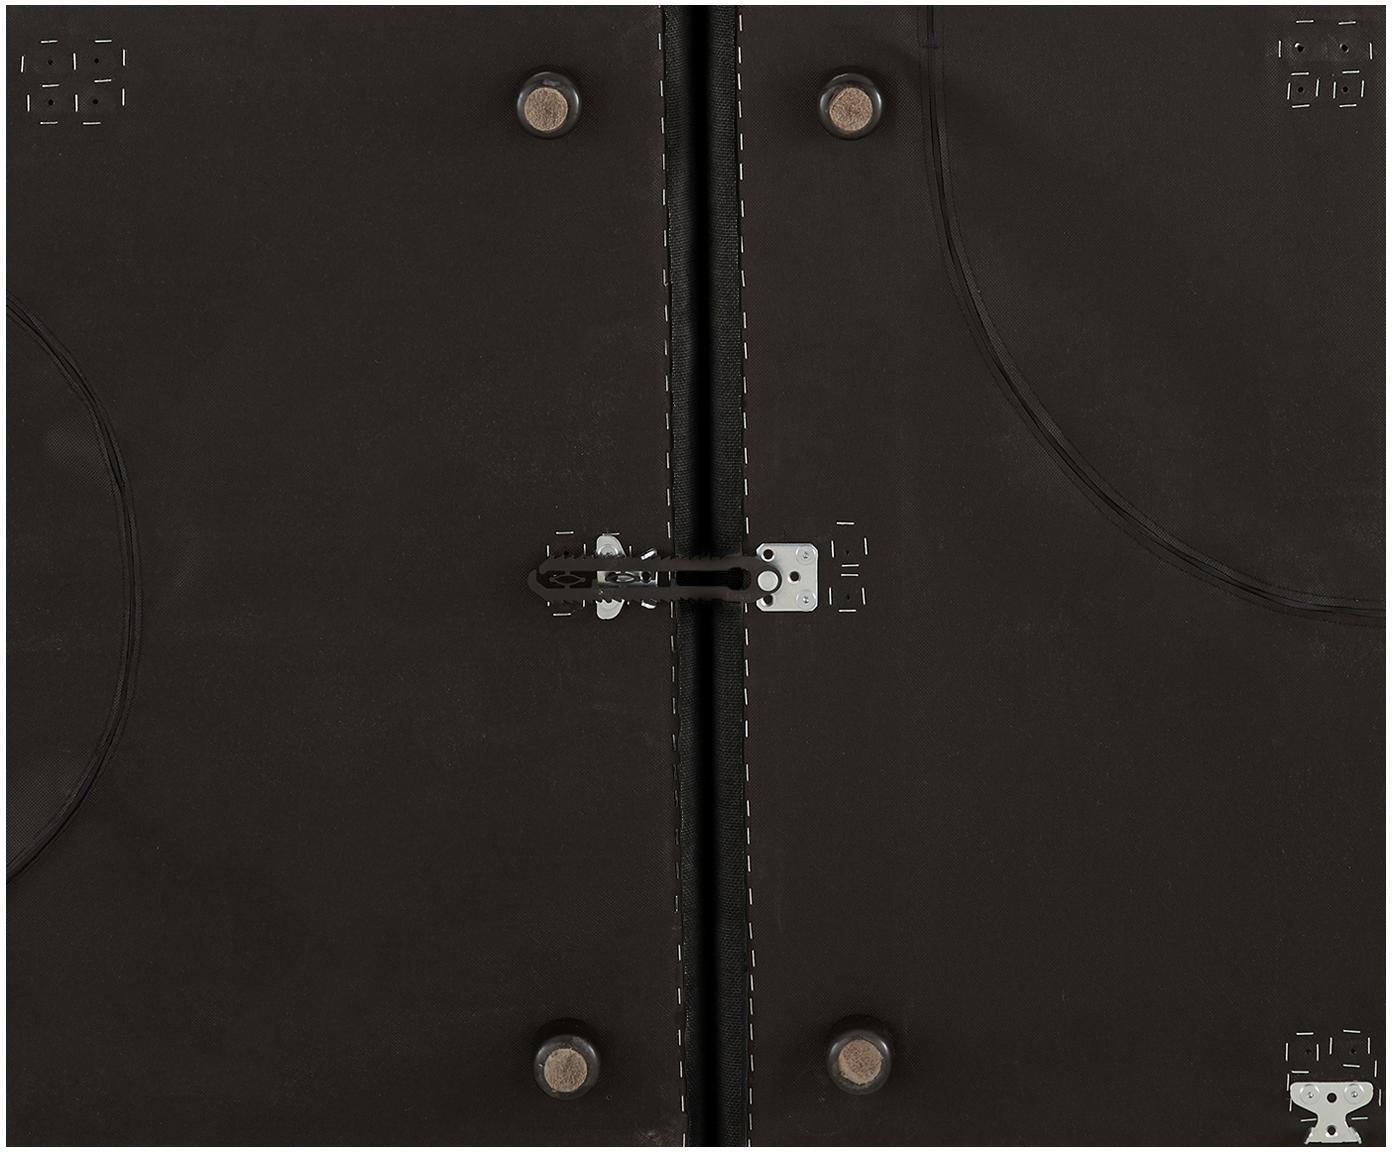 Diván modular grande Lennon, Tapizado: poliéster Resistencia a l, Estructura: madera de pino maciza, ma, Patas: plástico, Gris antracita, An 357 x F 119 cm